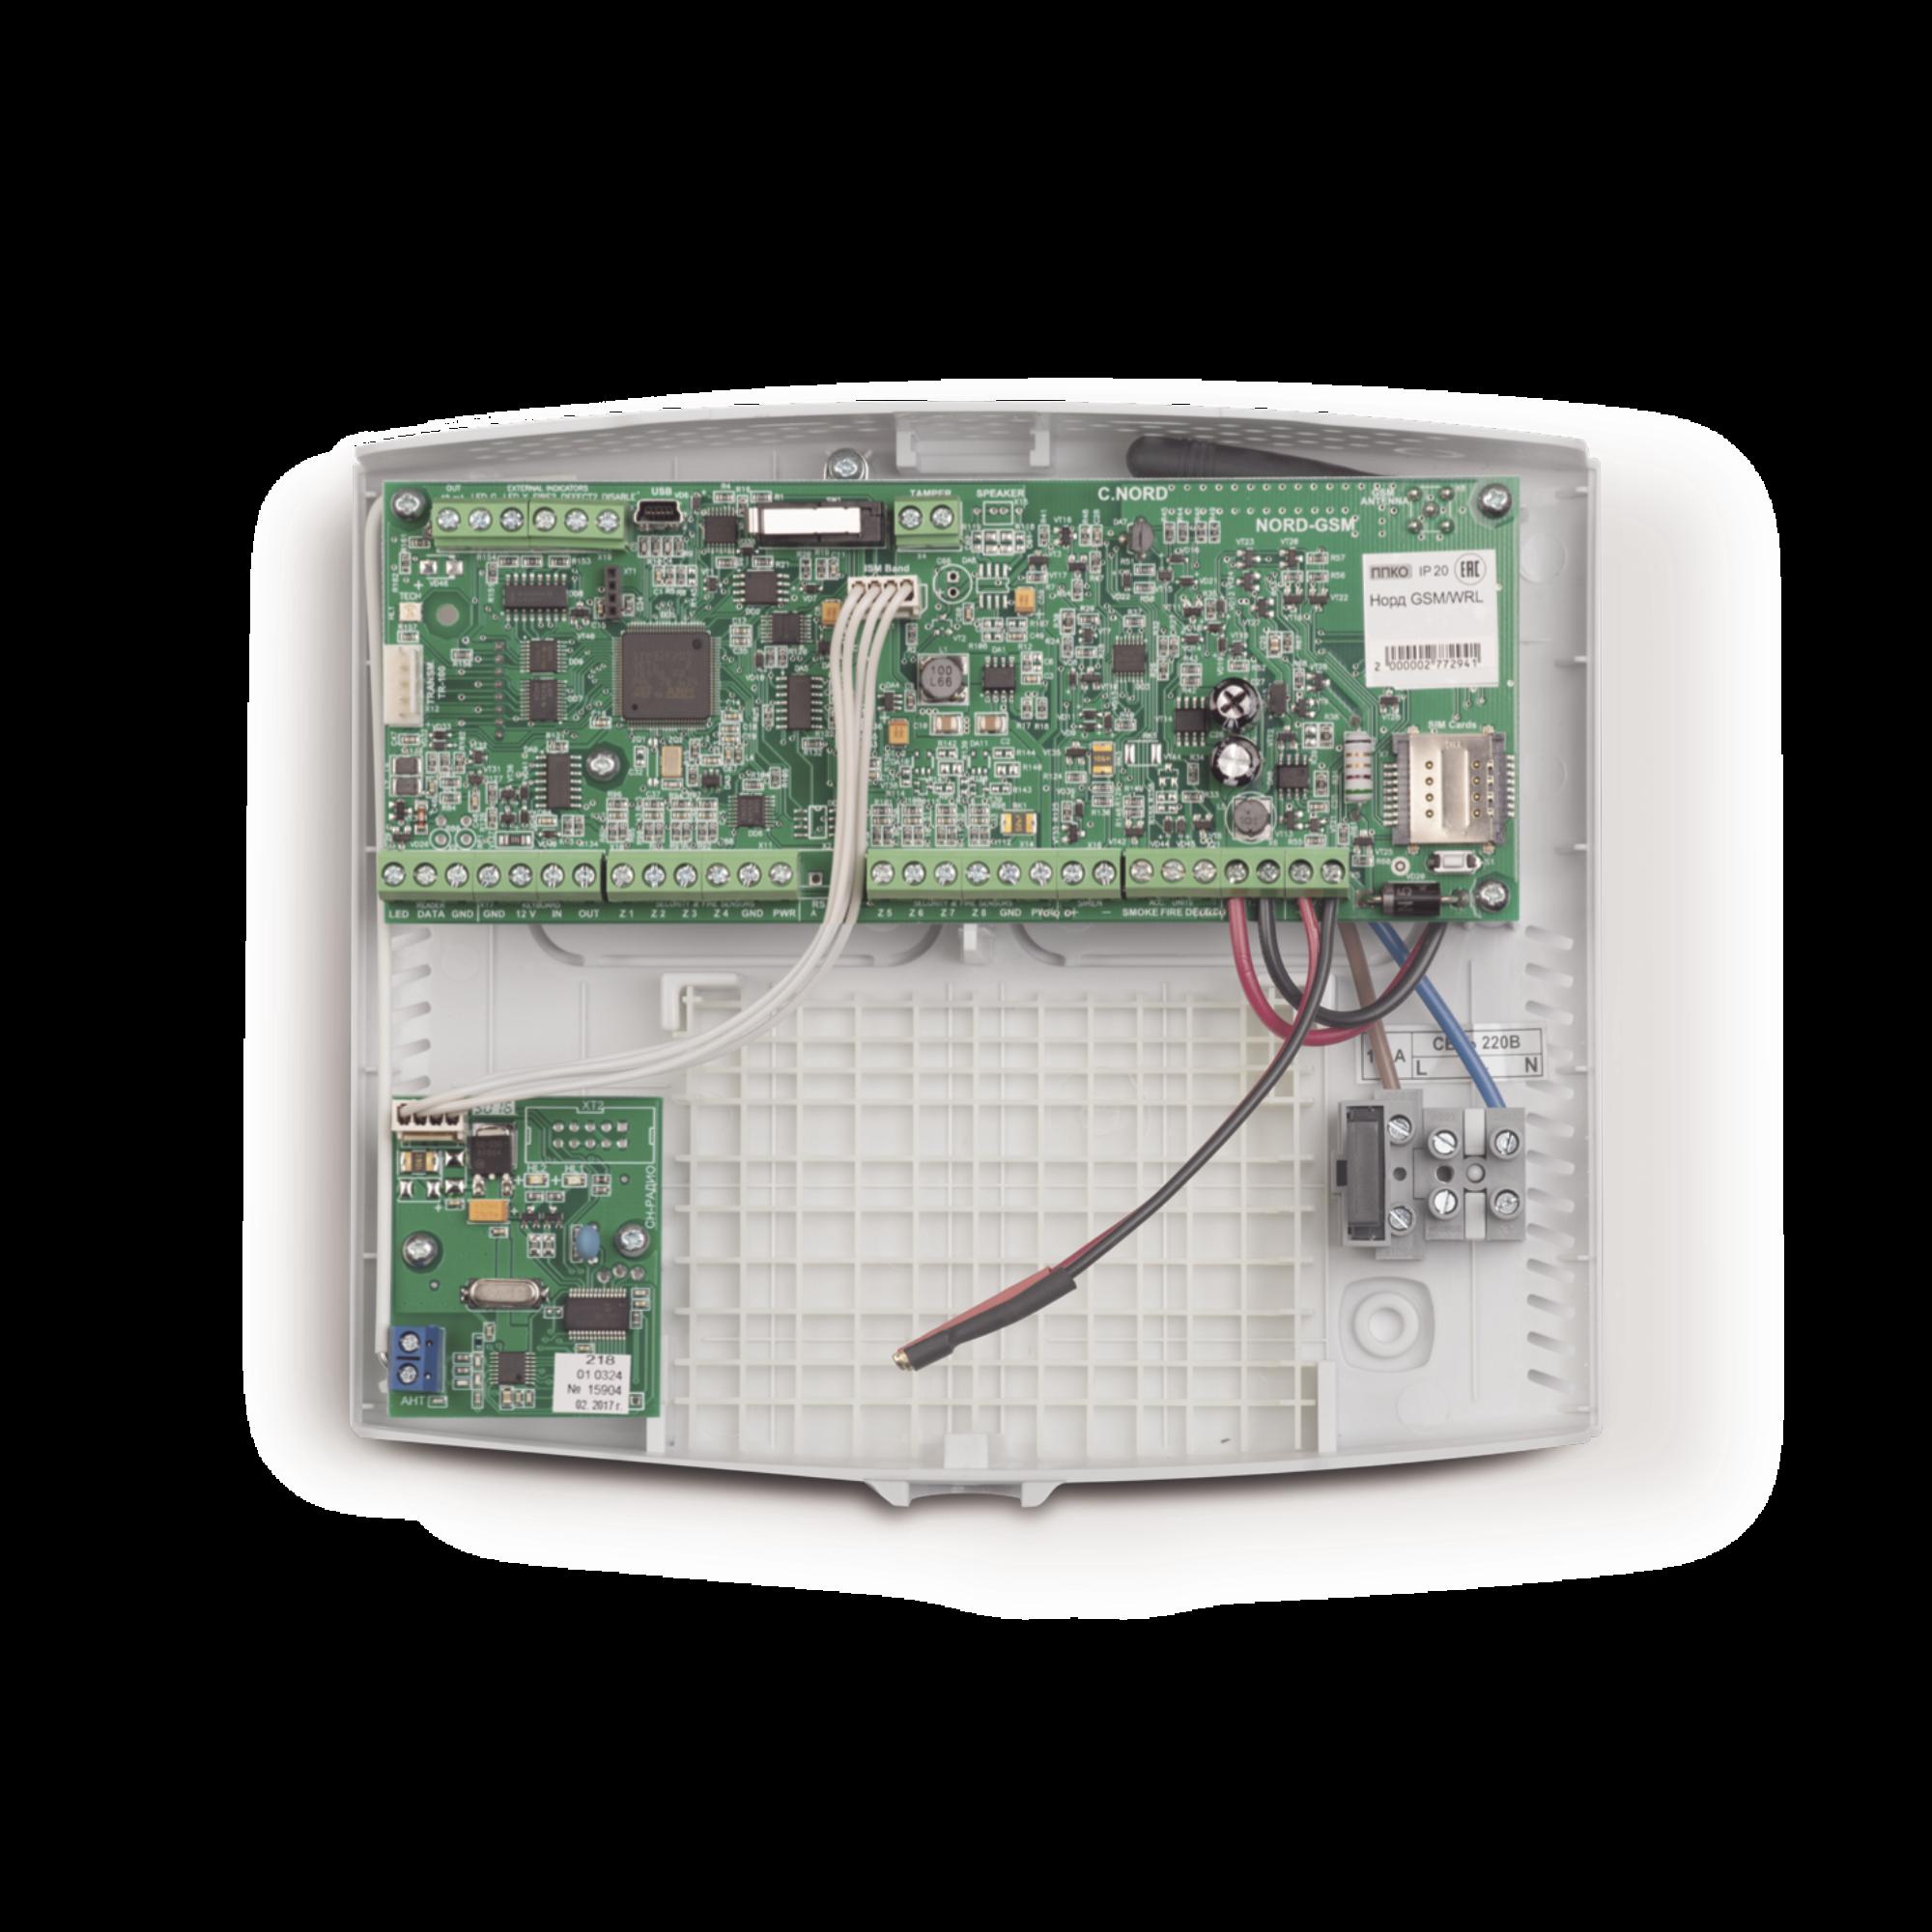 Panel de alarma hibrido, apto para seguridad profesional de oficinas, restaurantes, tiendas y otro tipo de comercio o casa habitación.